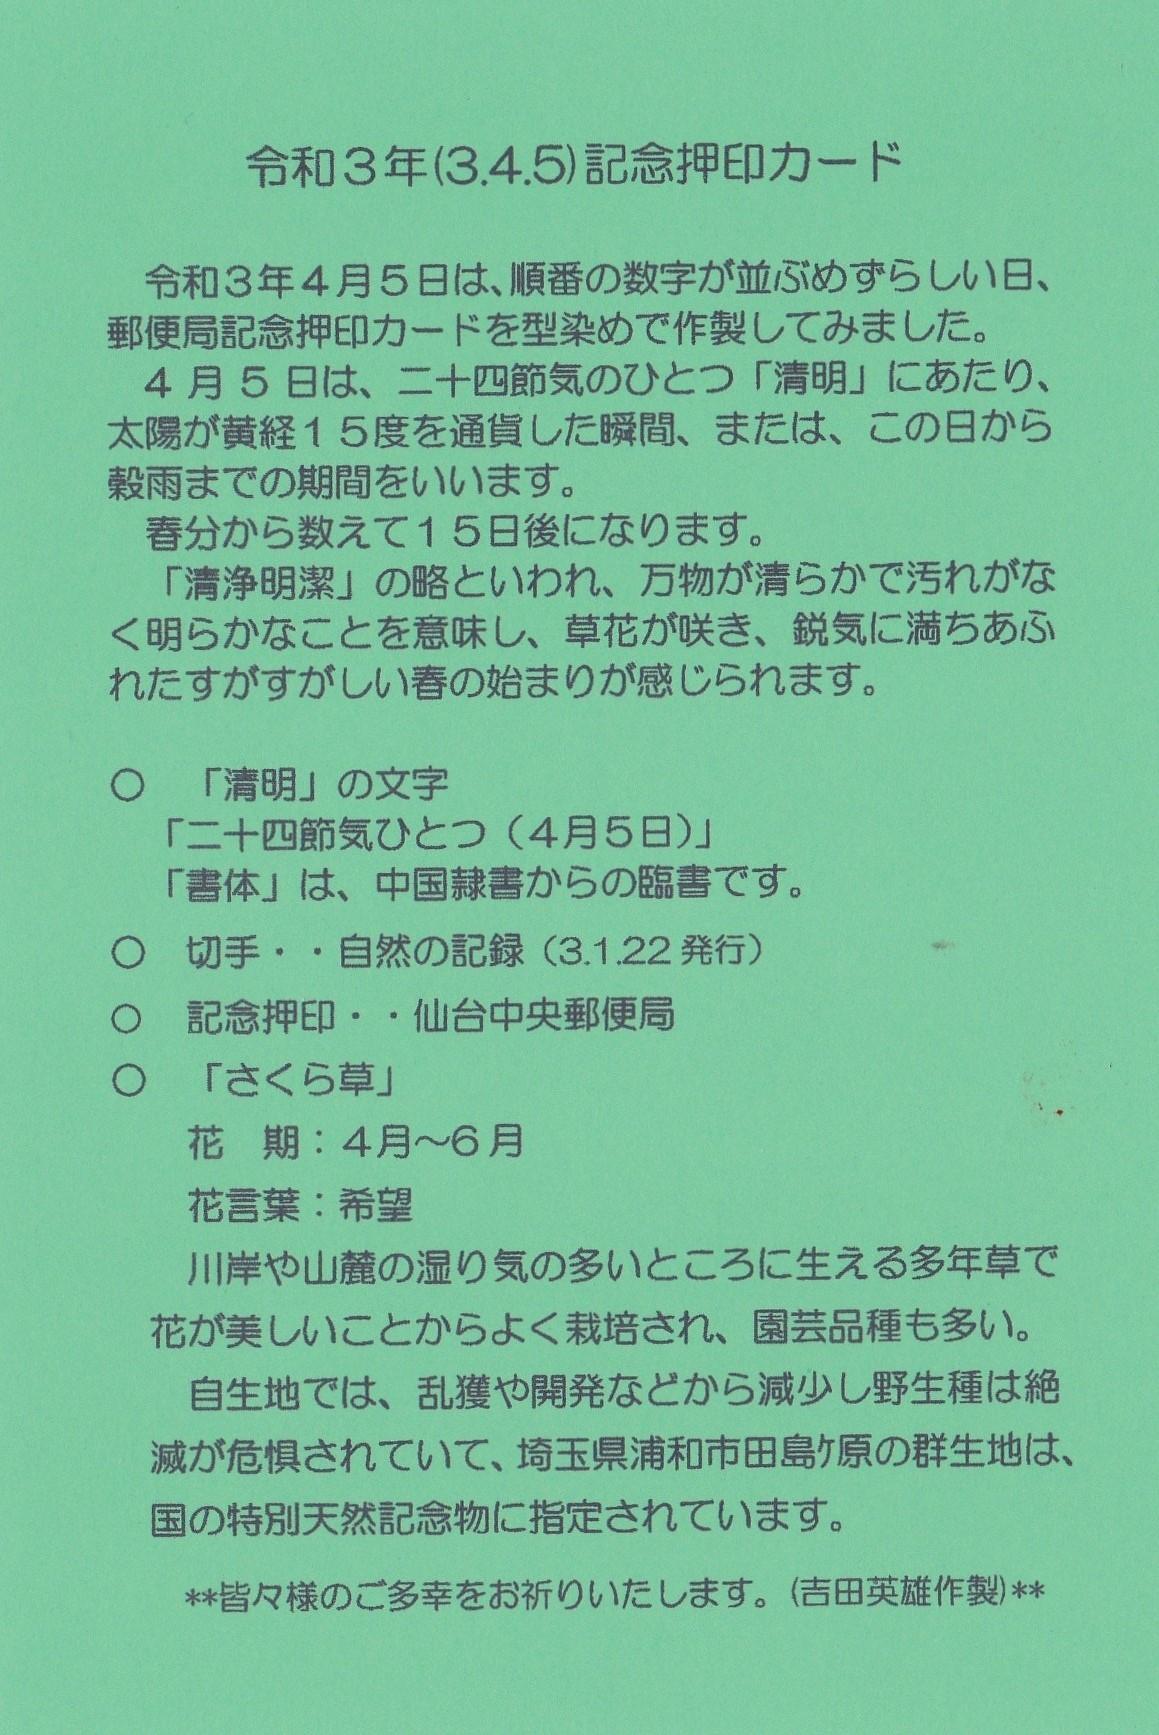 令和3年(3・4・5)記念押印 さくらそう_b0124466_20583049.jpg